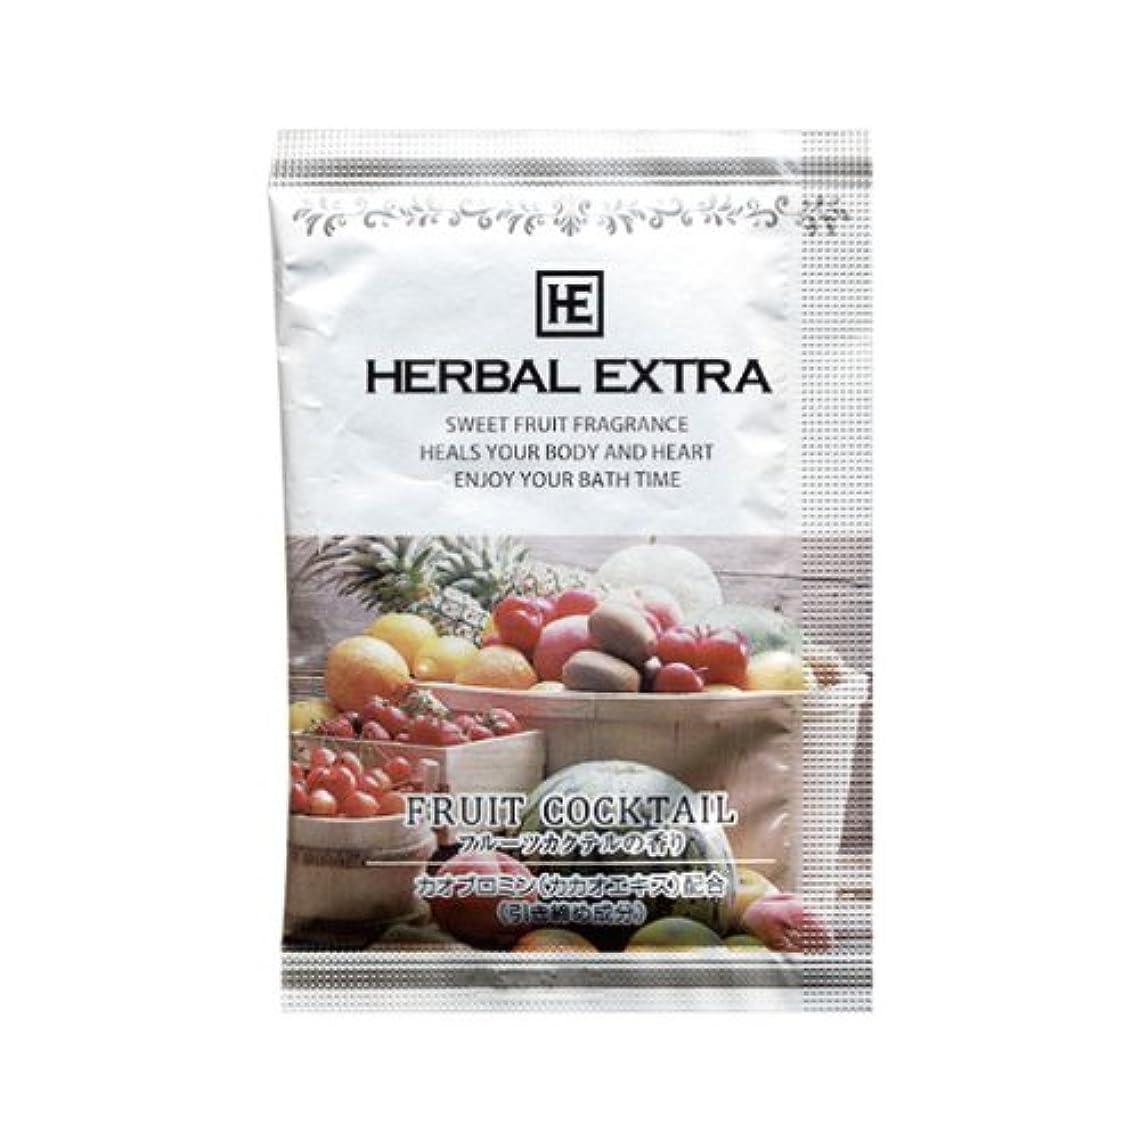 管理します先に美人ハーバルエクストラ フルーツカクテルの香り 20g 200包